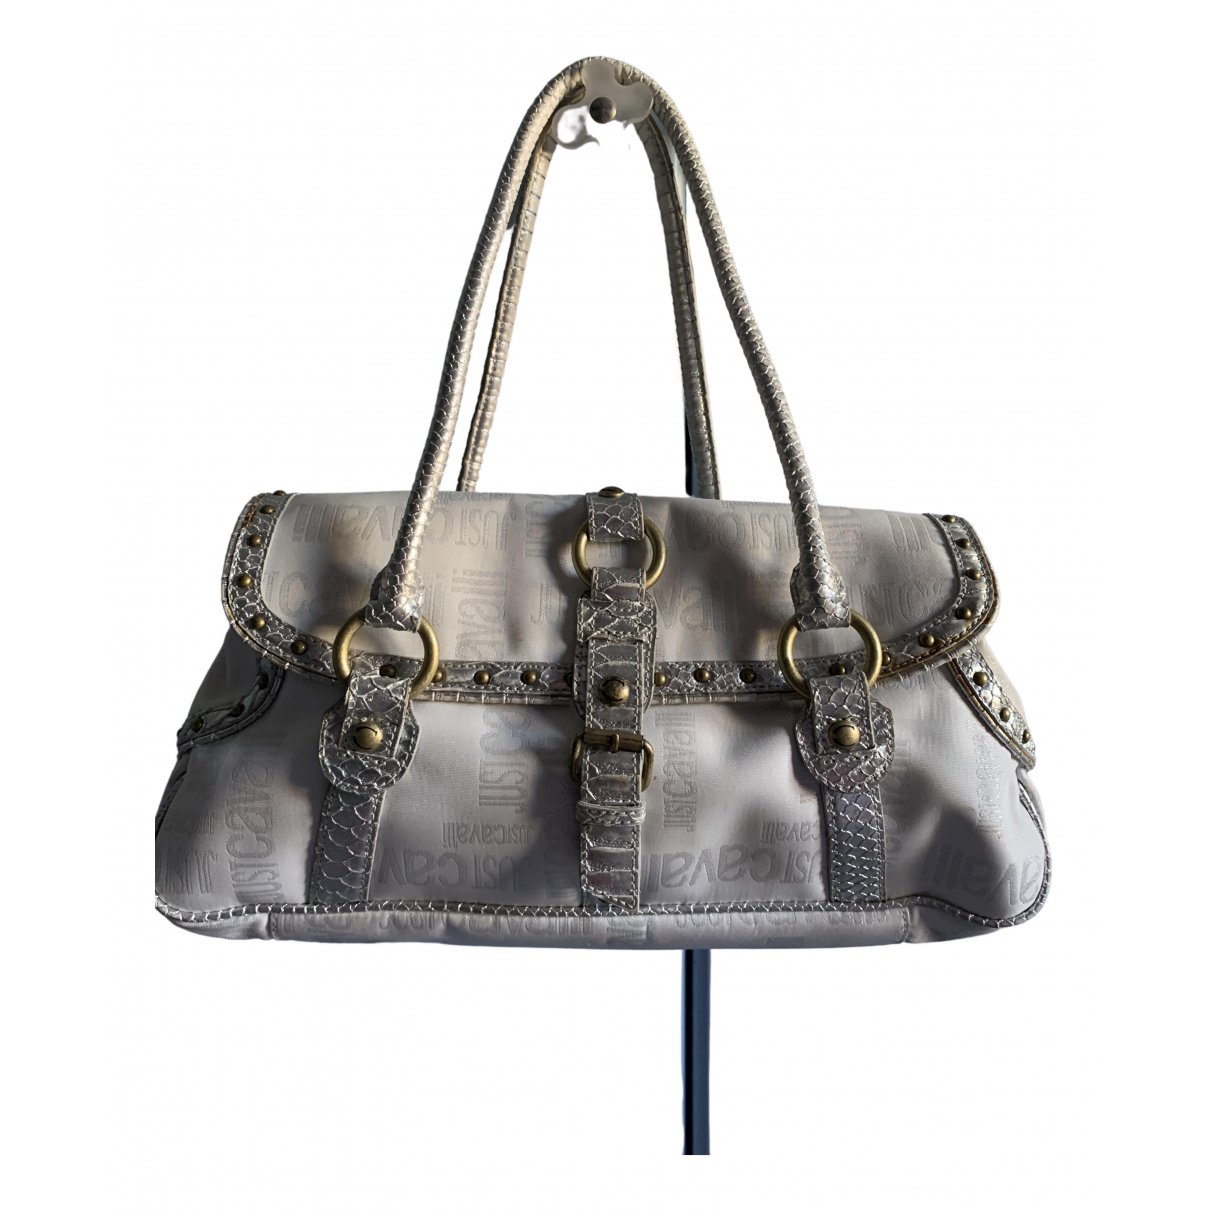 Just Cavalli N White Leather handbag for Women N